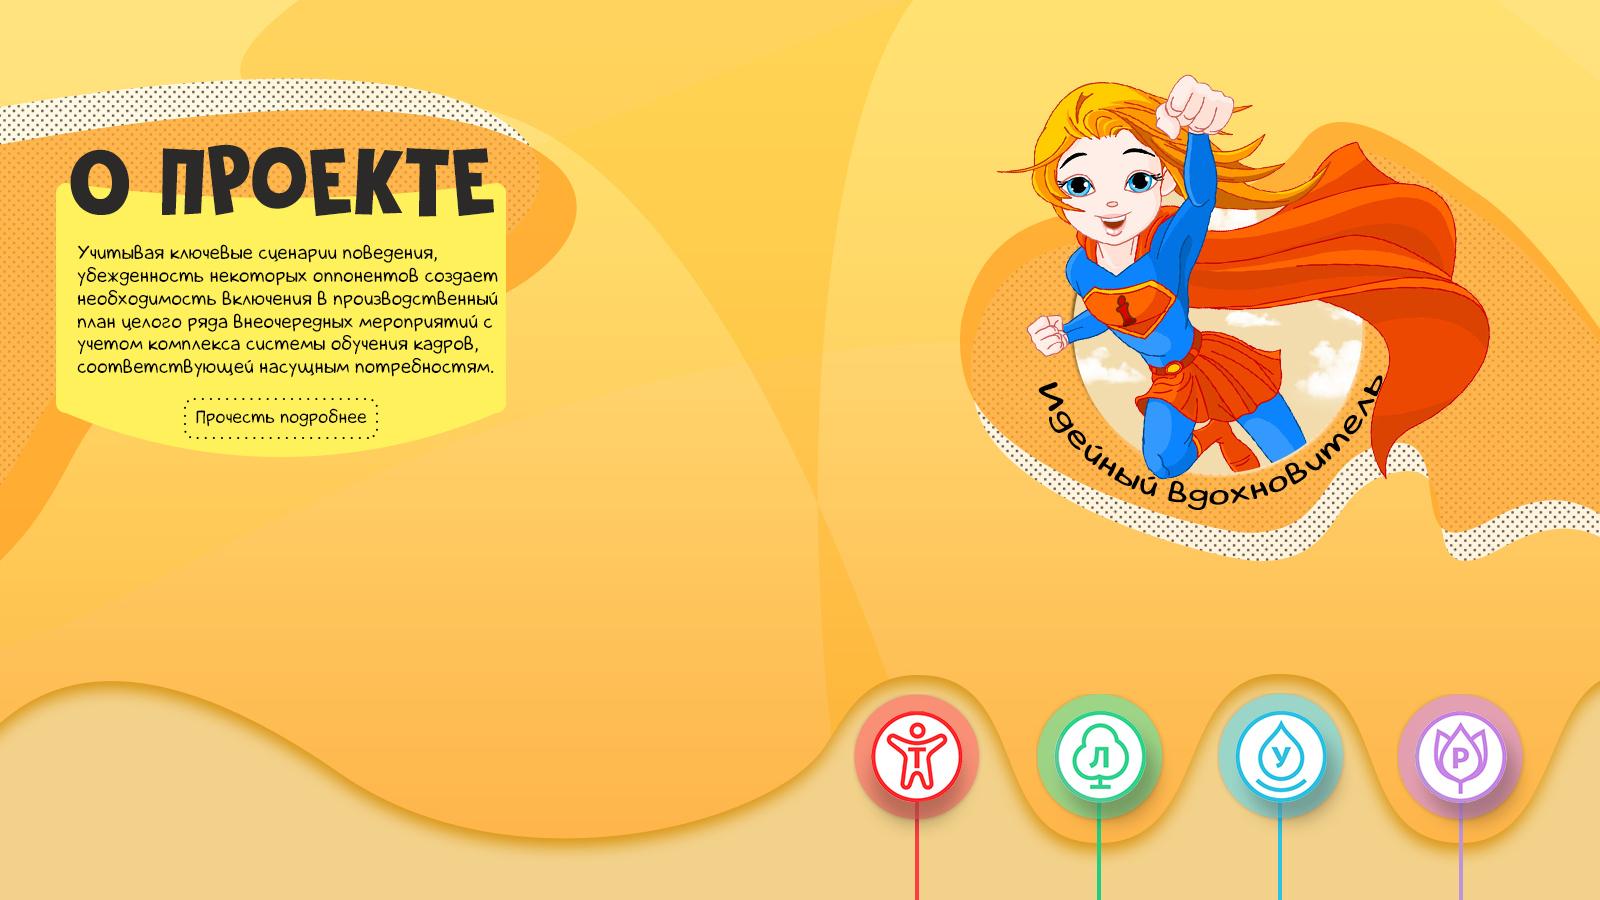 Креативный дизайн внутренней страницы портала для детей фото f_5195cfda0b1a9d3f.jpg